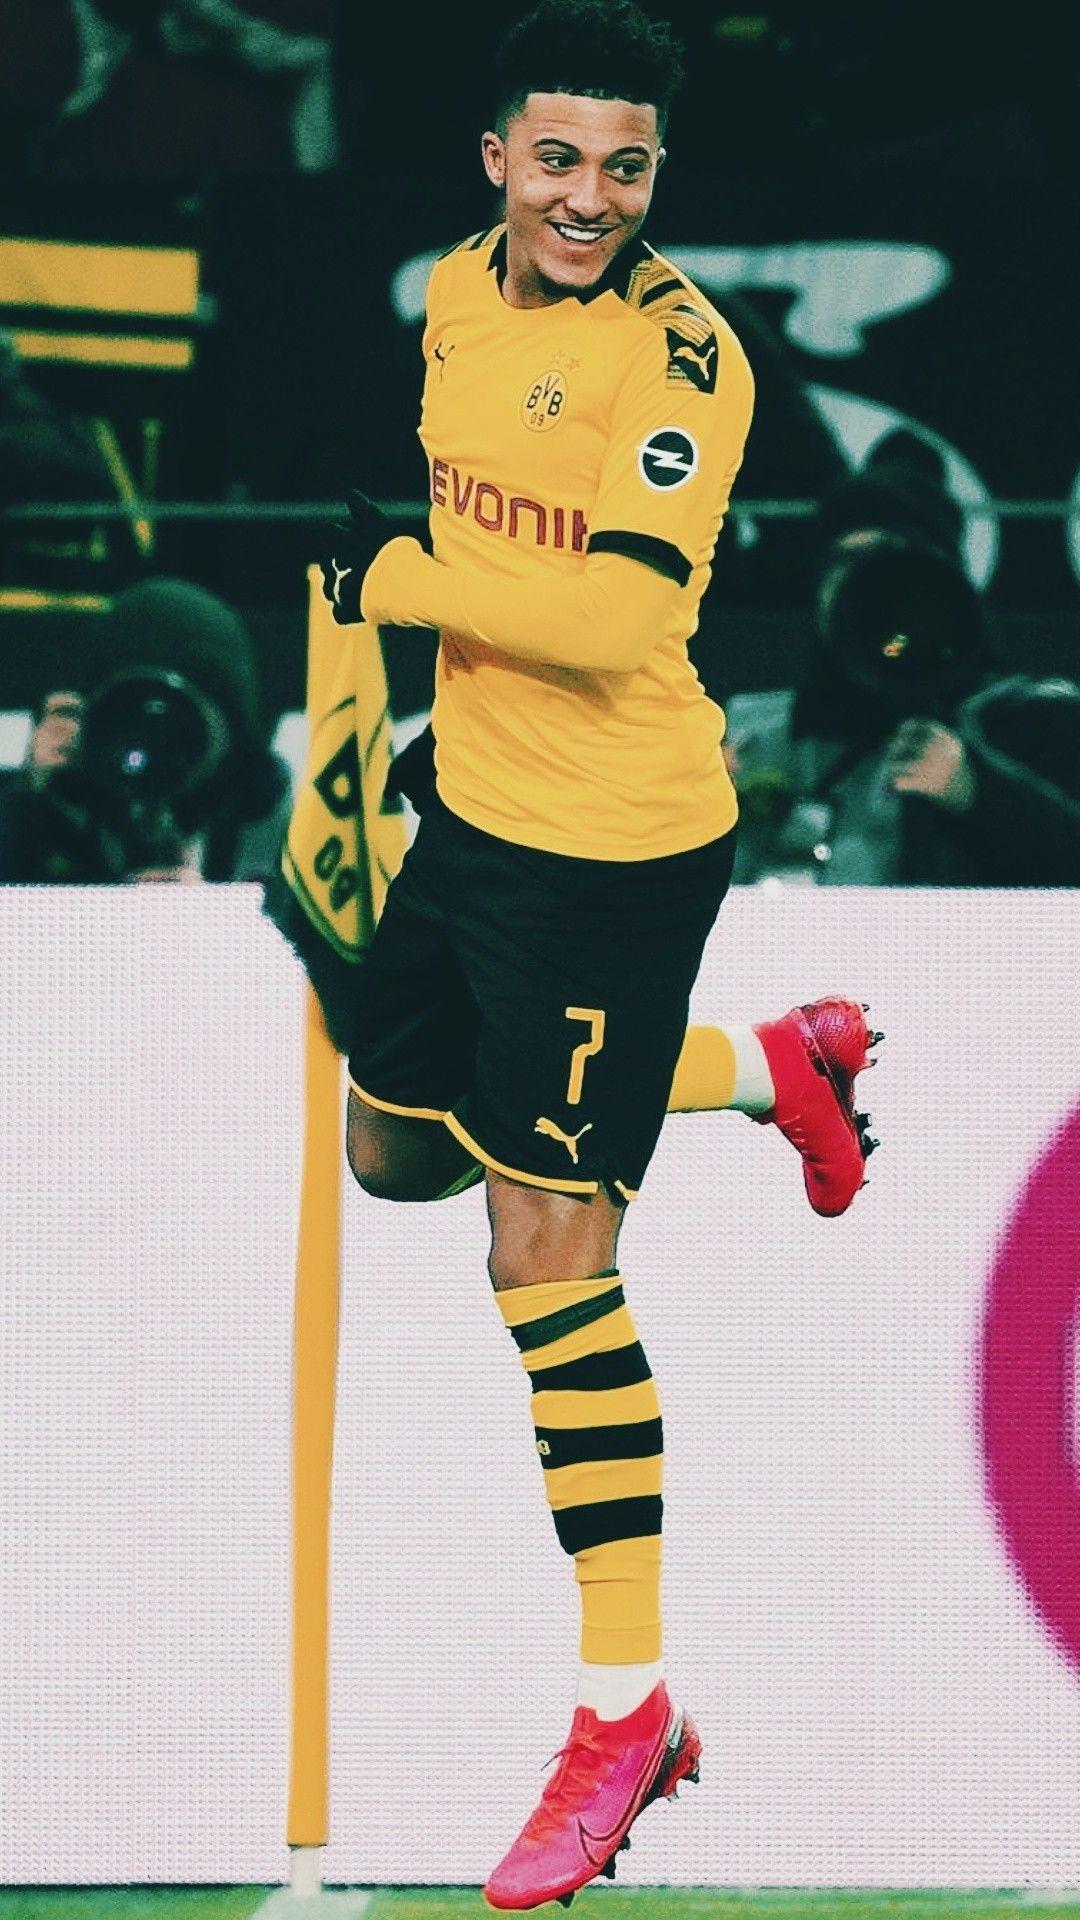 Pin on Neymar Jr 10.......L.Messi